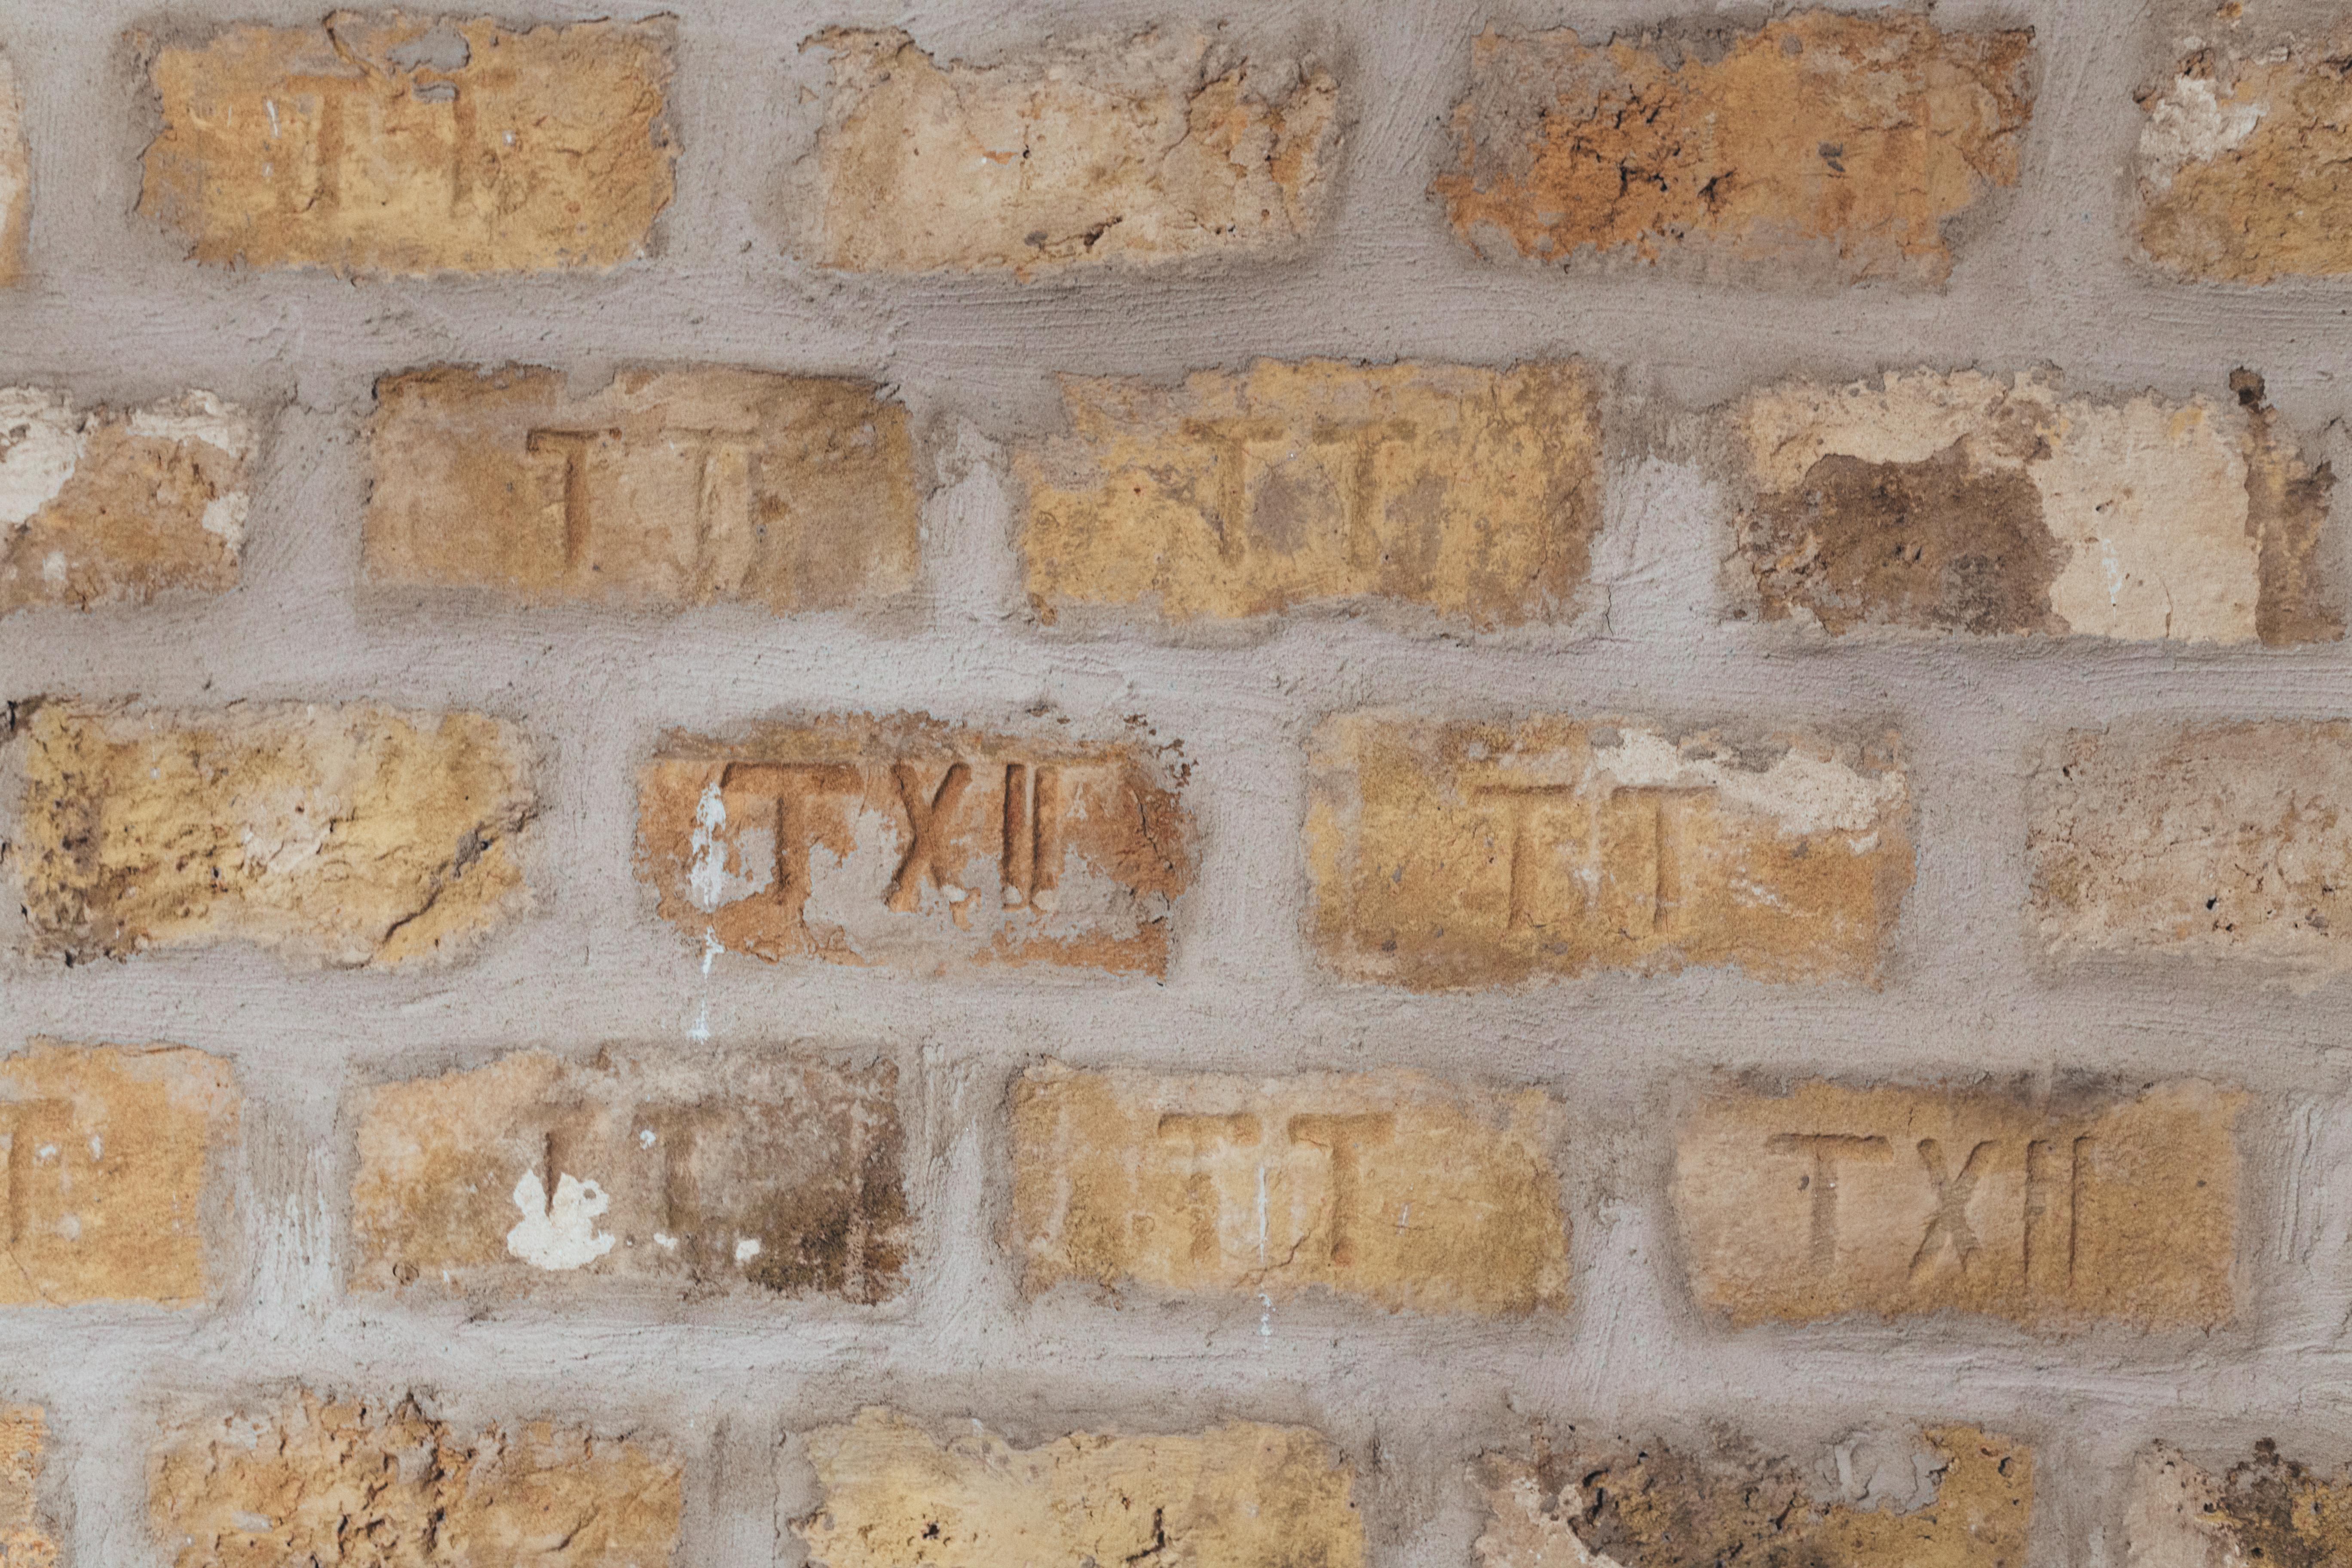 Brick Wall Texture, Brick, Texture, Wall, HQ Photo